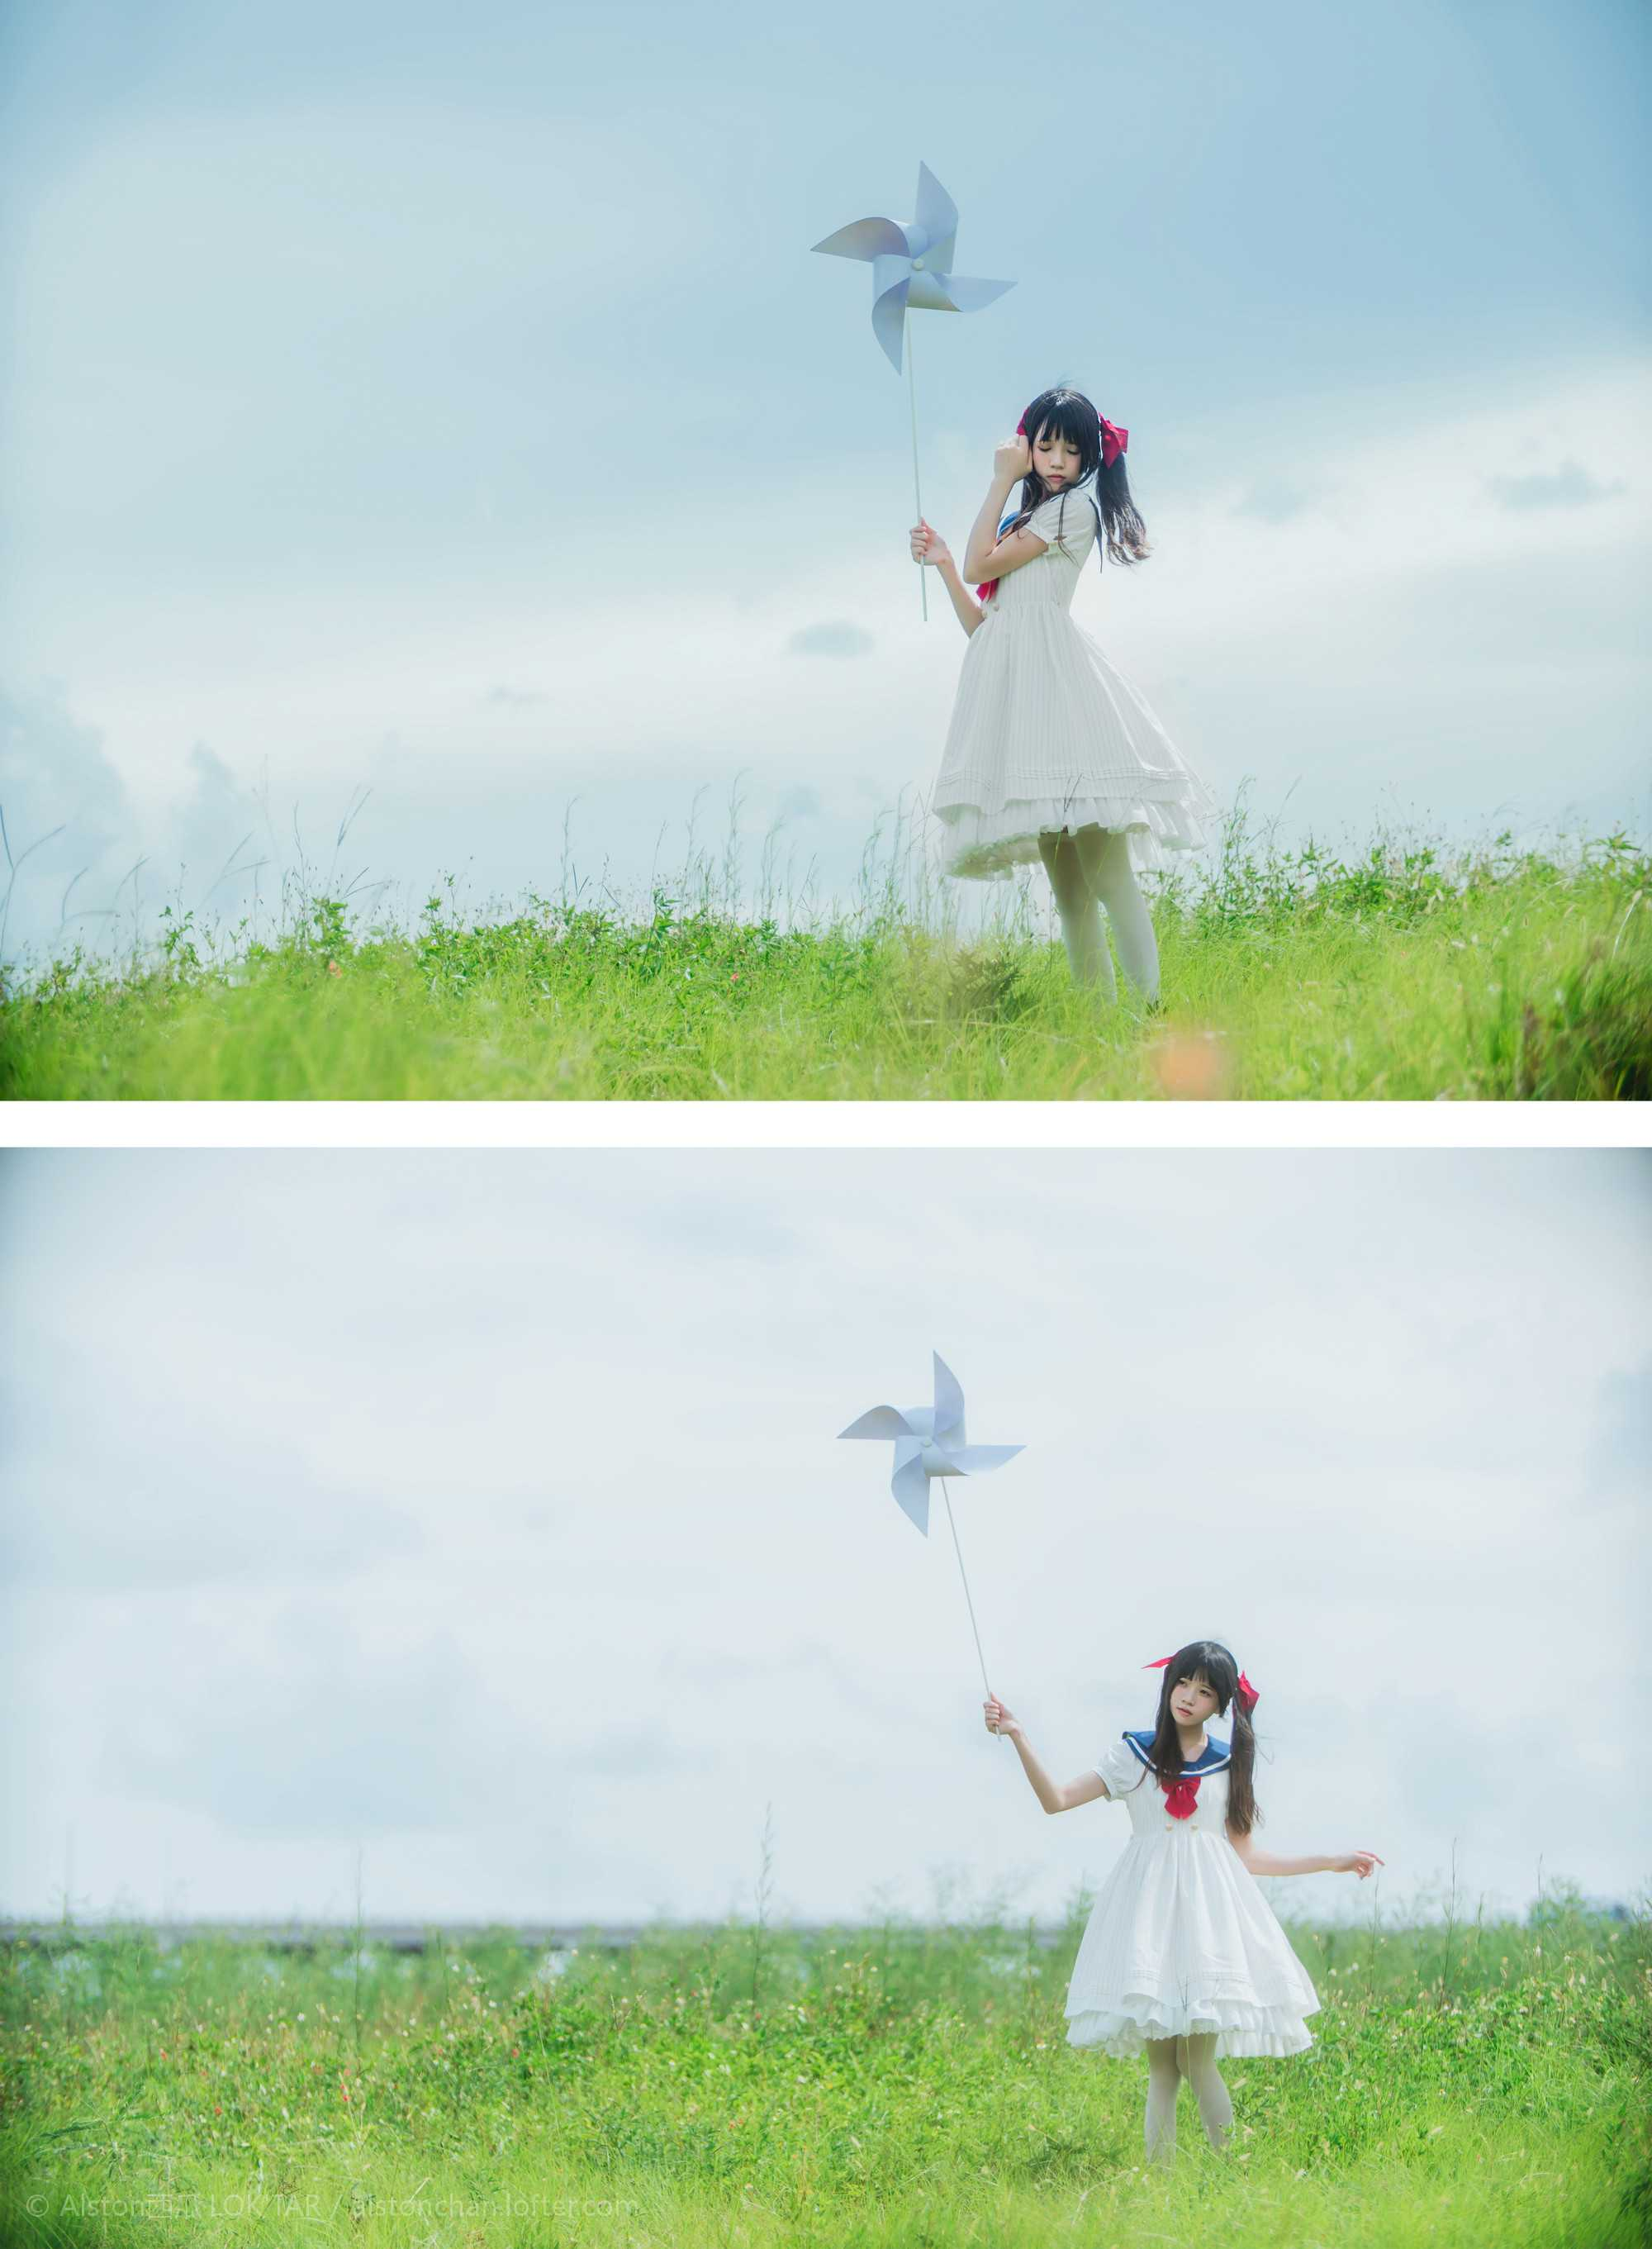 免费⭐微博红人⭐桜桃喵@写真cos-Repo(桜桃喵)【10P】插图5